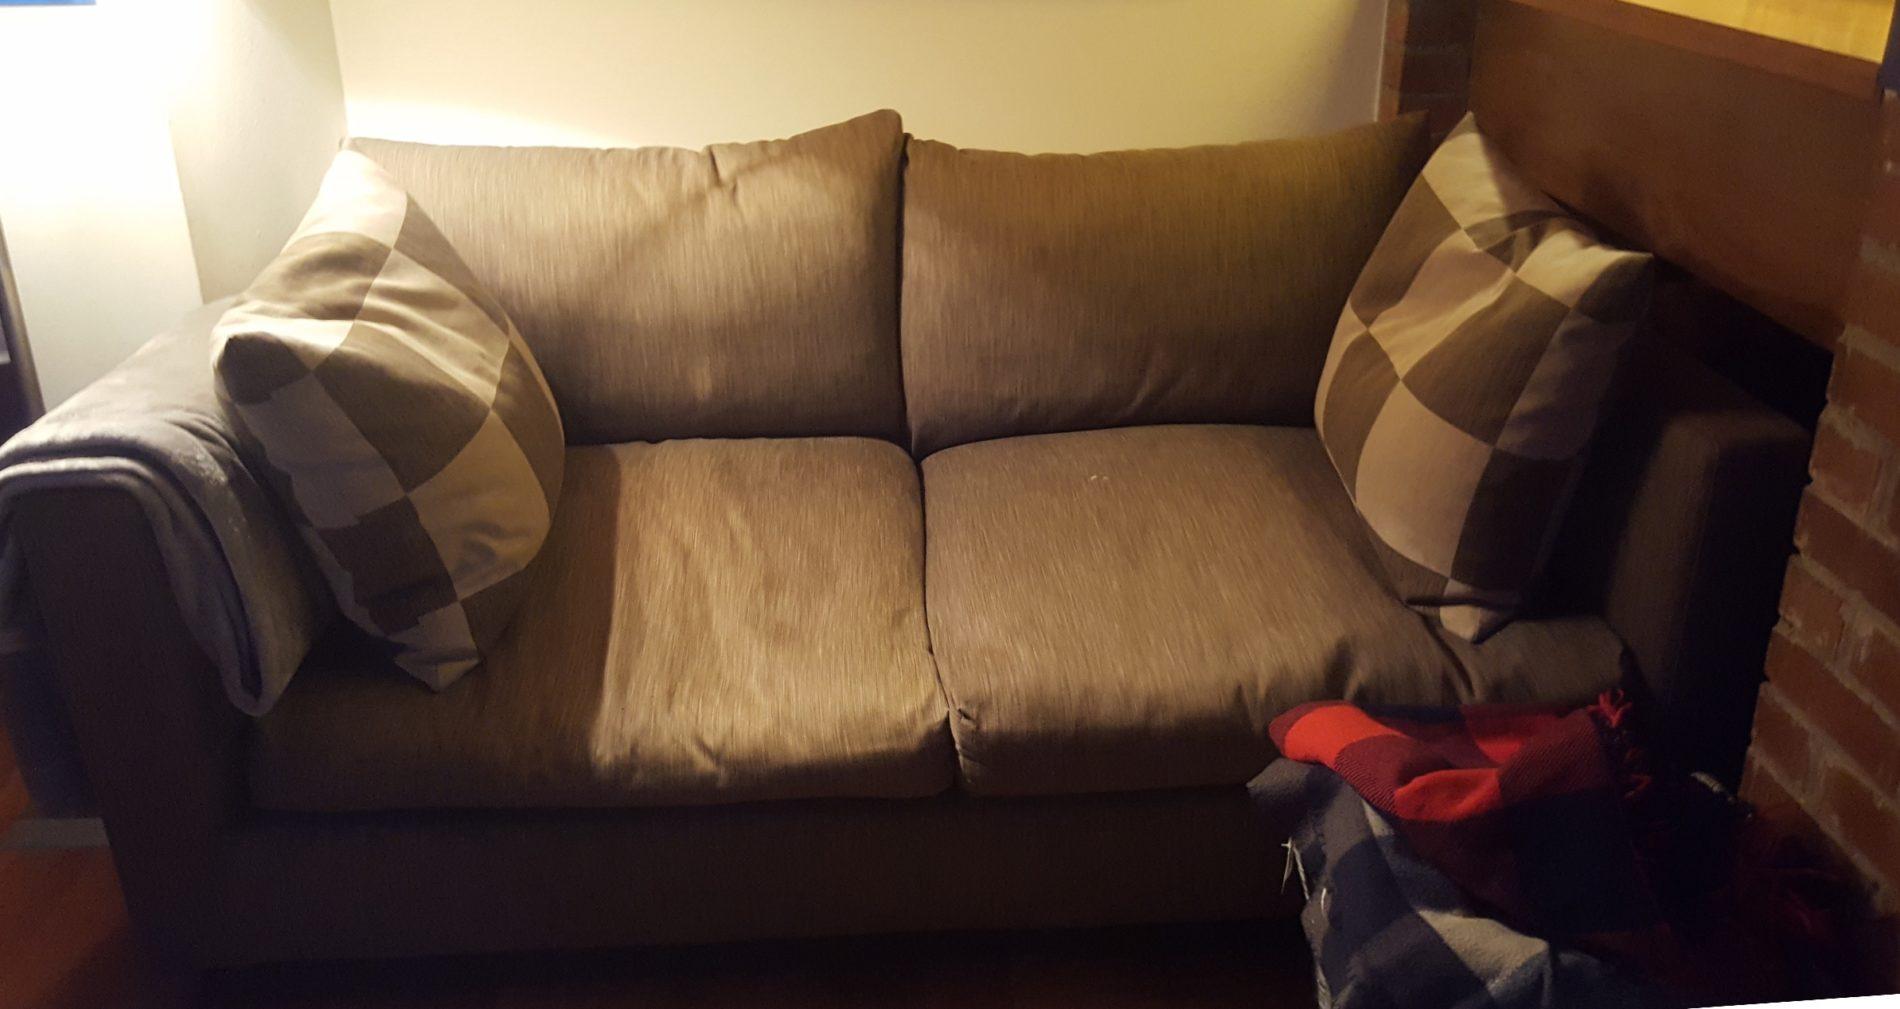 Flexform divano 2 posti blitz bovisa milano vendita for Divano 2 posti usato